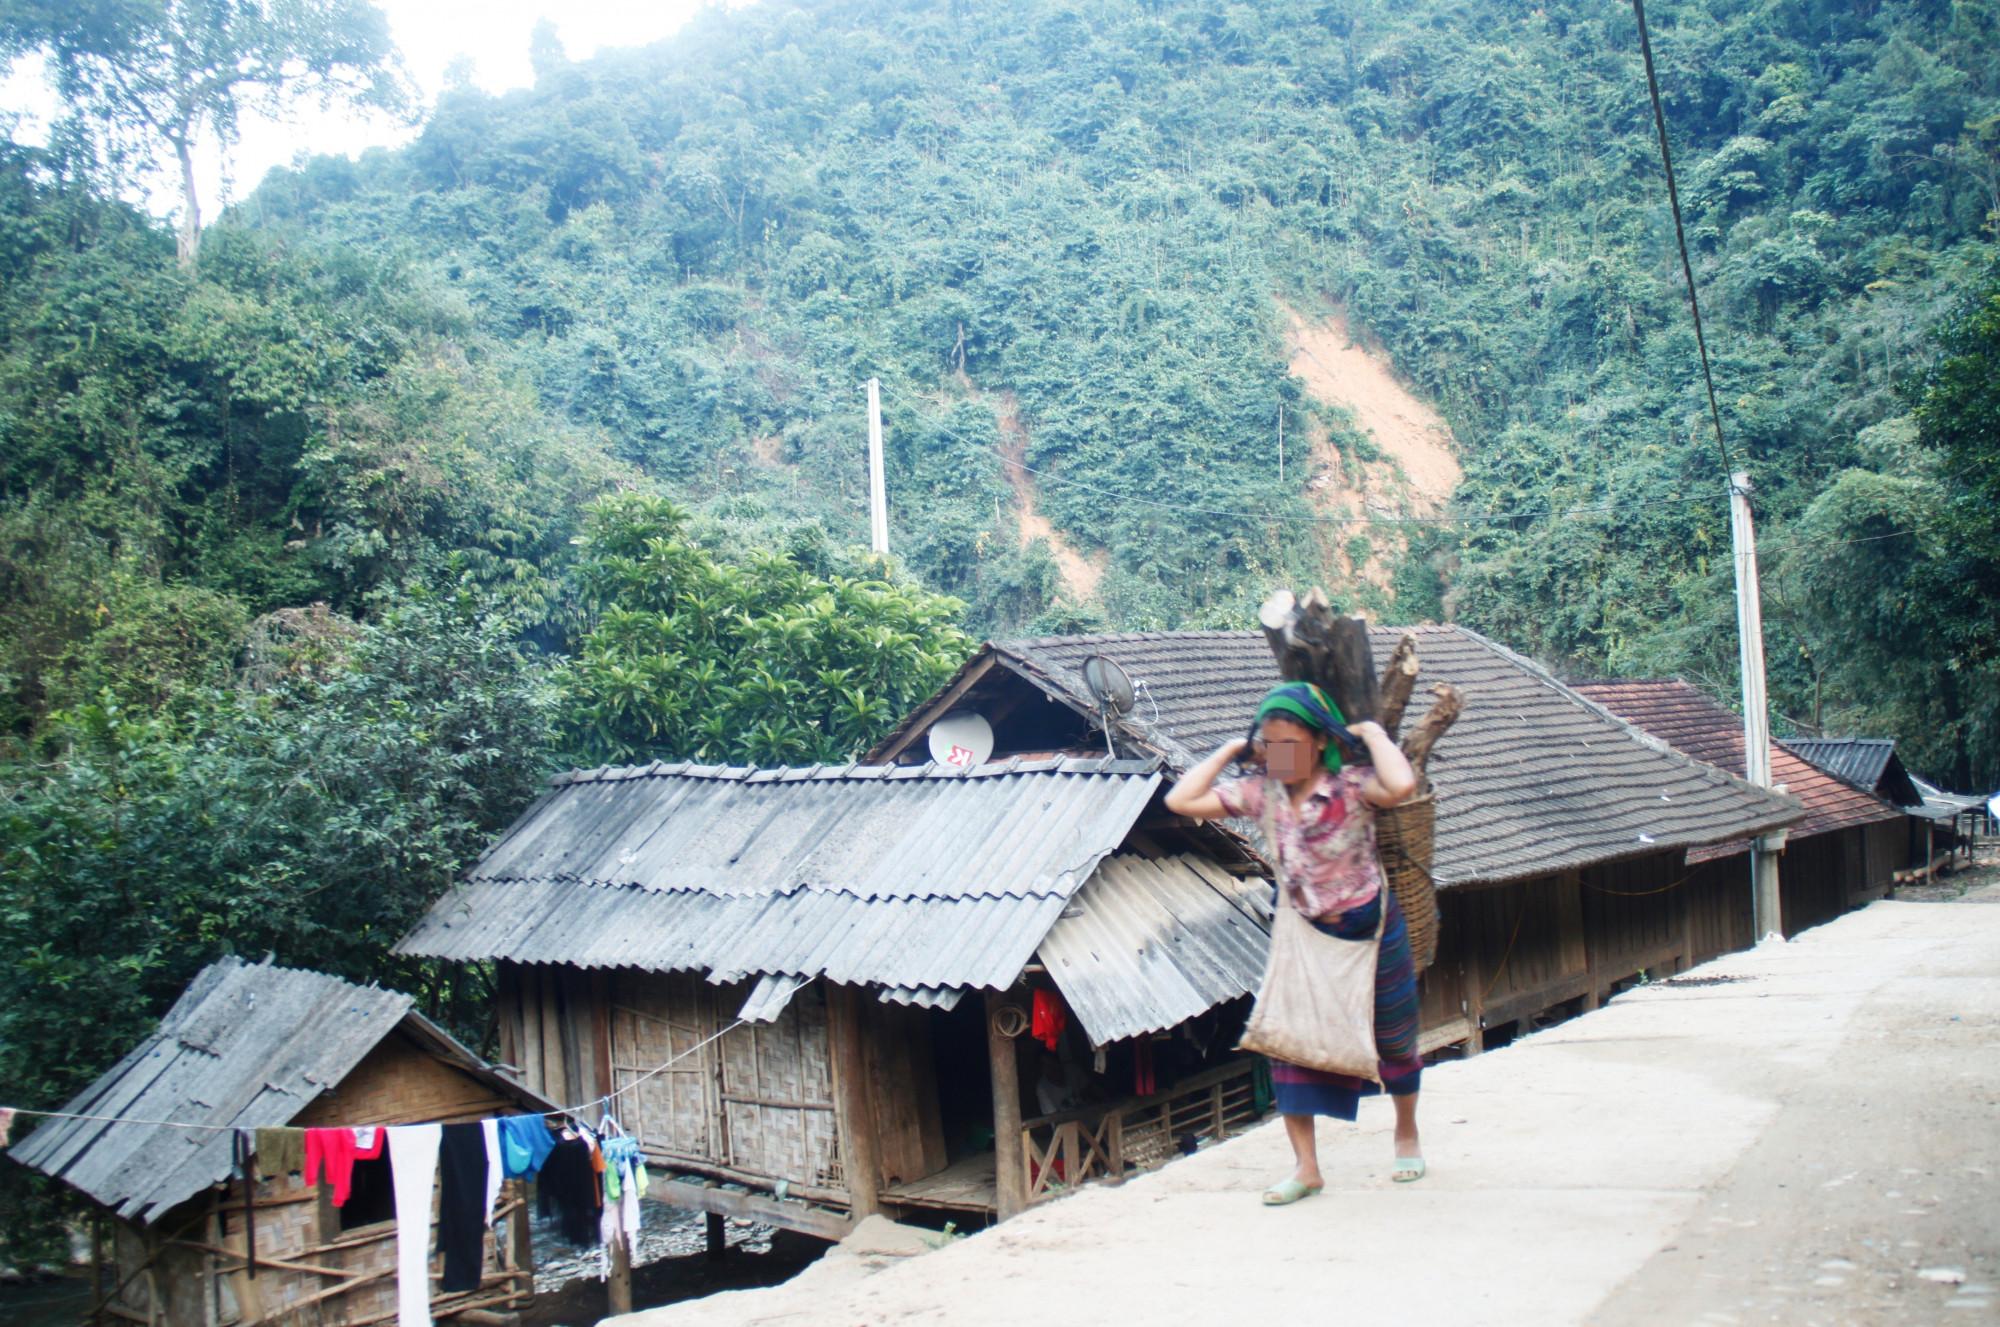 Cuộc sống khó khăn, đông con... là những lý do mà nhiều bà mẹ ở vùng cao Nghệ An đưa ra khi quyết định vượt biên bán con